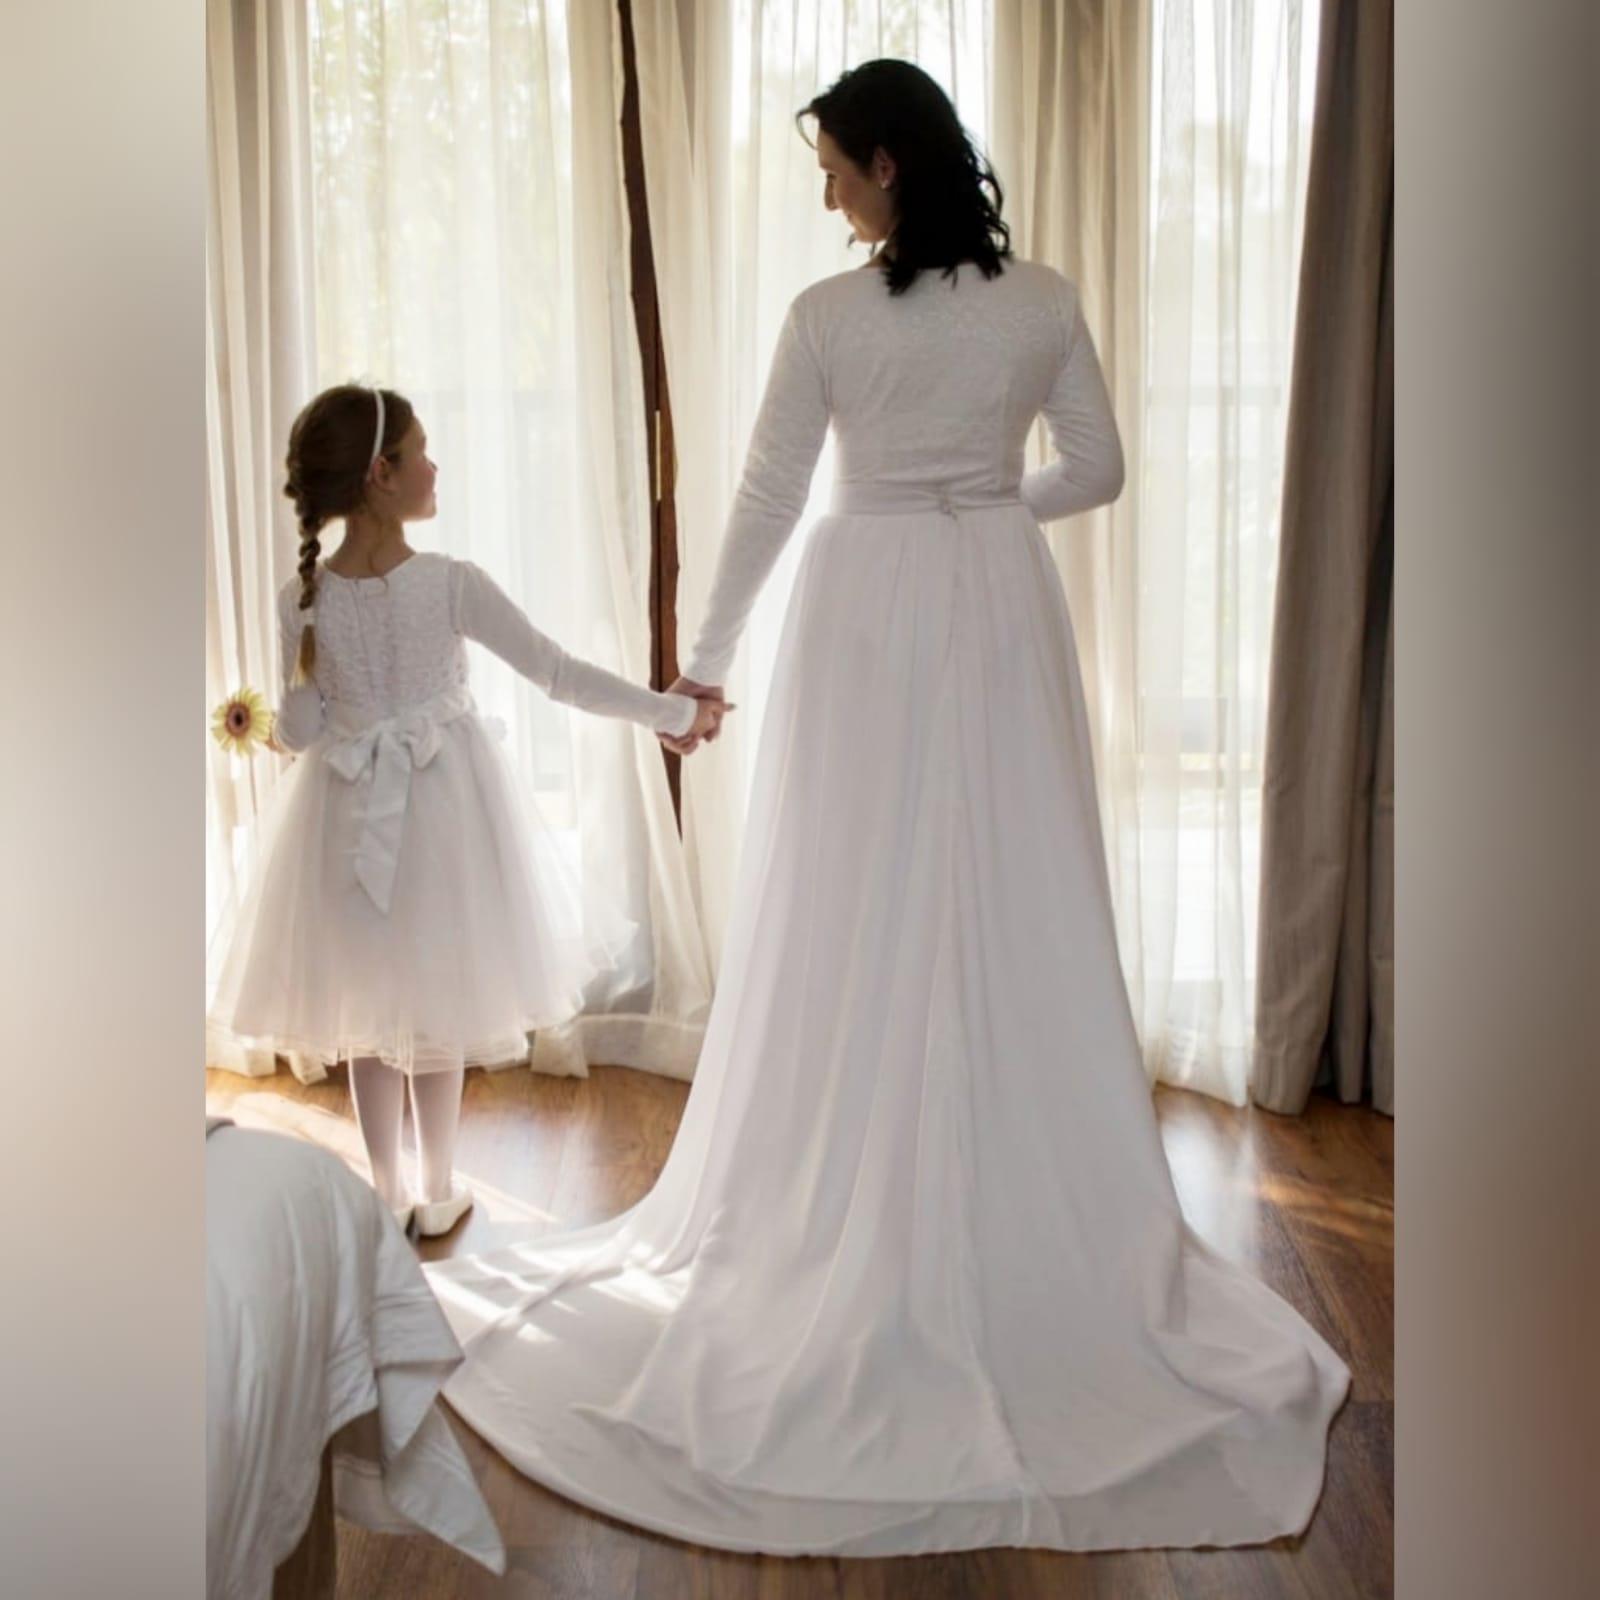 Vestido de noiva simples de 2 peças branco fluido 7 vestido de noiva simples de 2 peças branco fluido. Um corpete bodysuit de renda justo com mangas compridas e decote em jóia. Saia longa larga e fluida, com uma camada de chiffon e uma longa cauda.